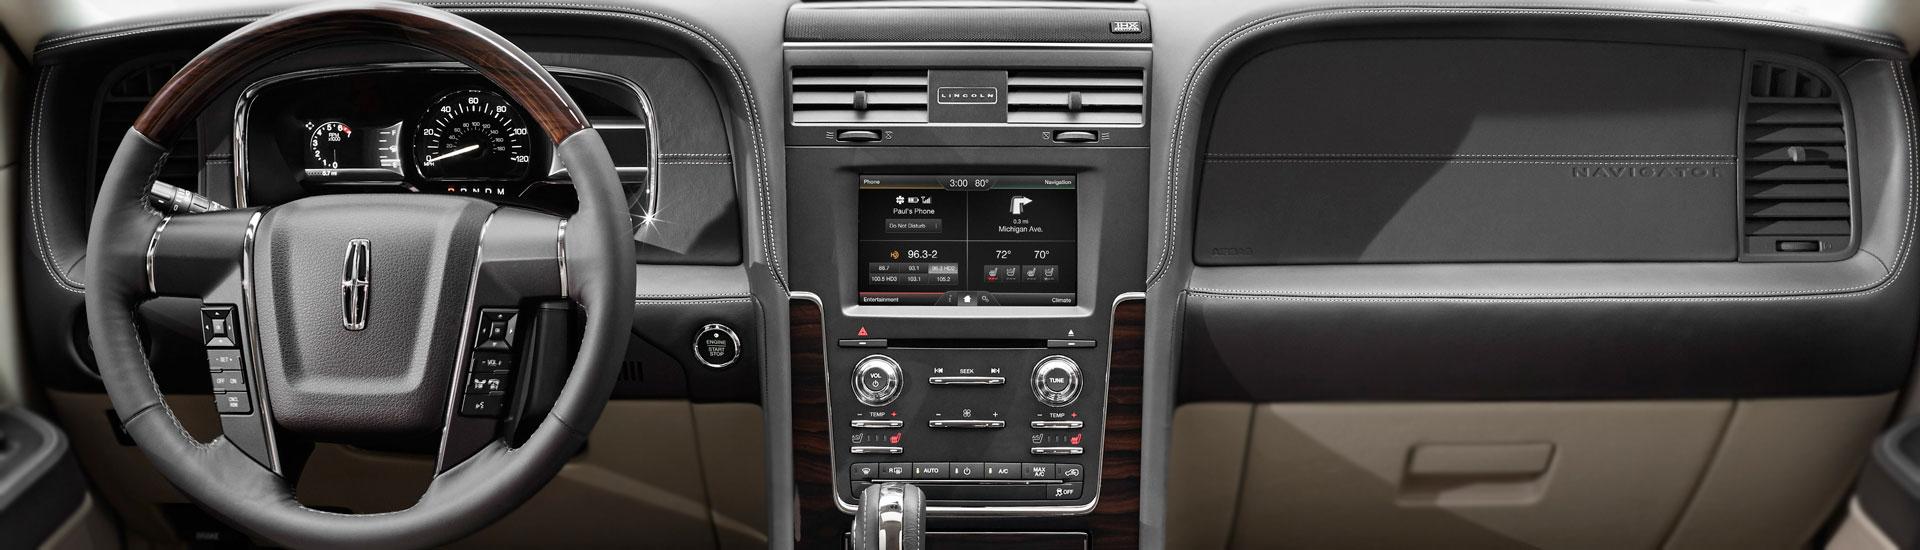 Lincoln Navigator Dash Kits